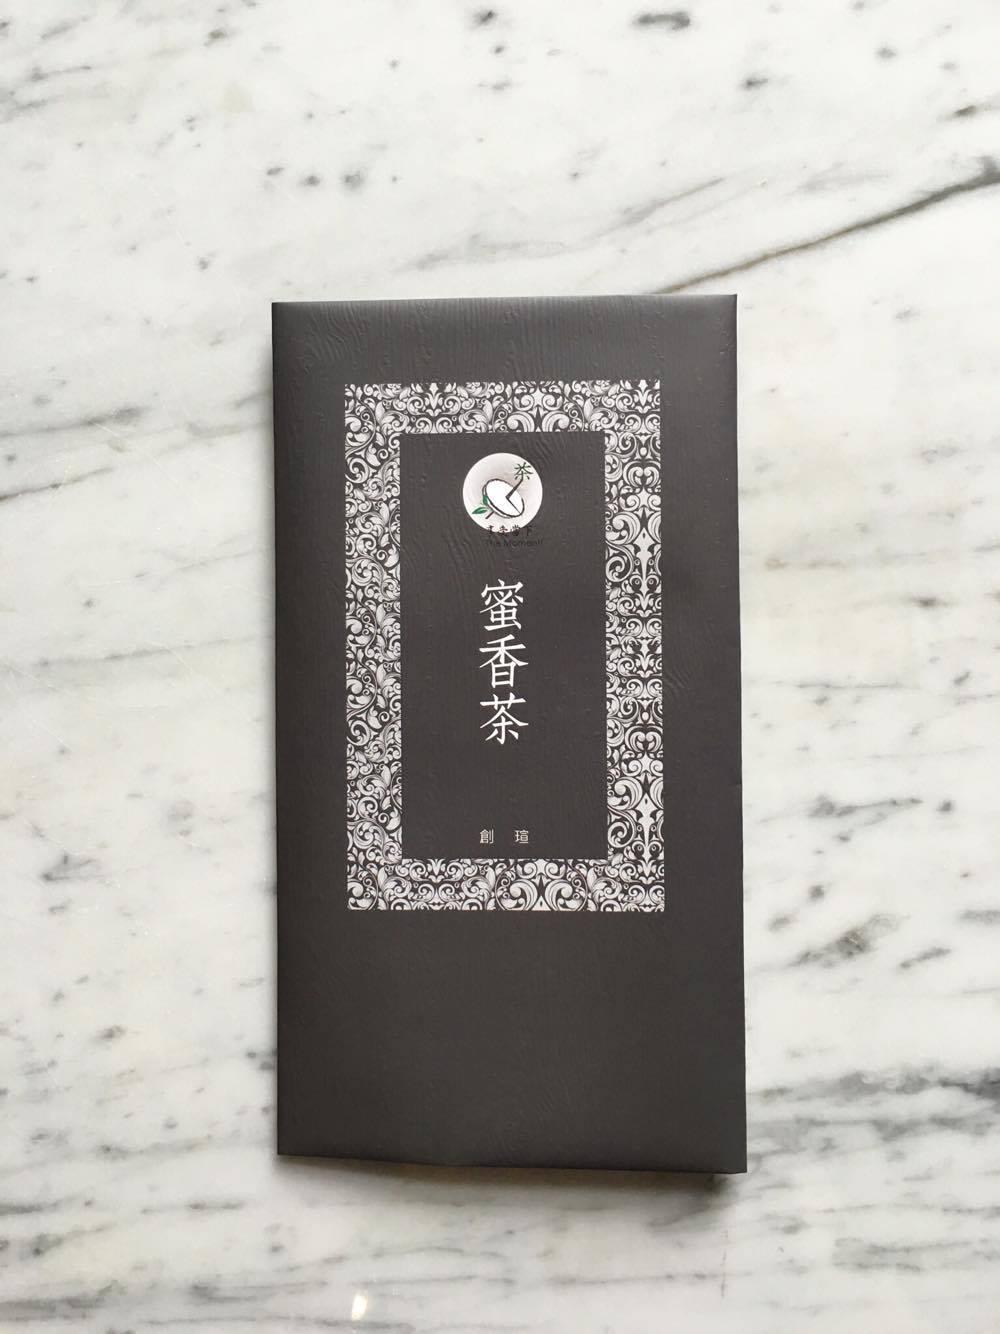 蜜香茶【袋茶】Honey Scented Black Tea